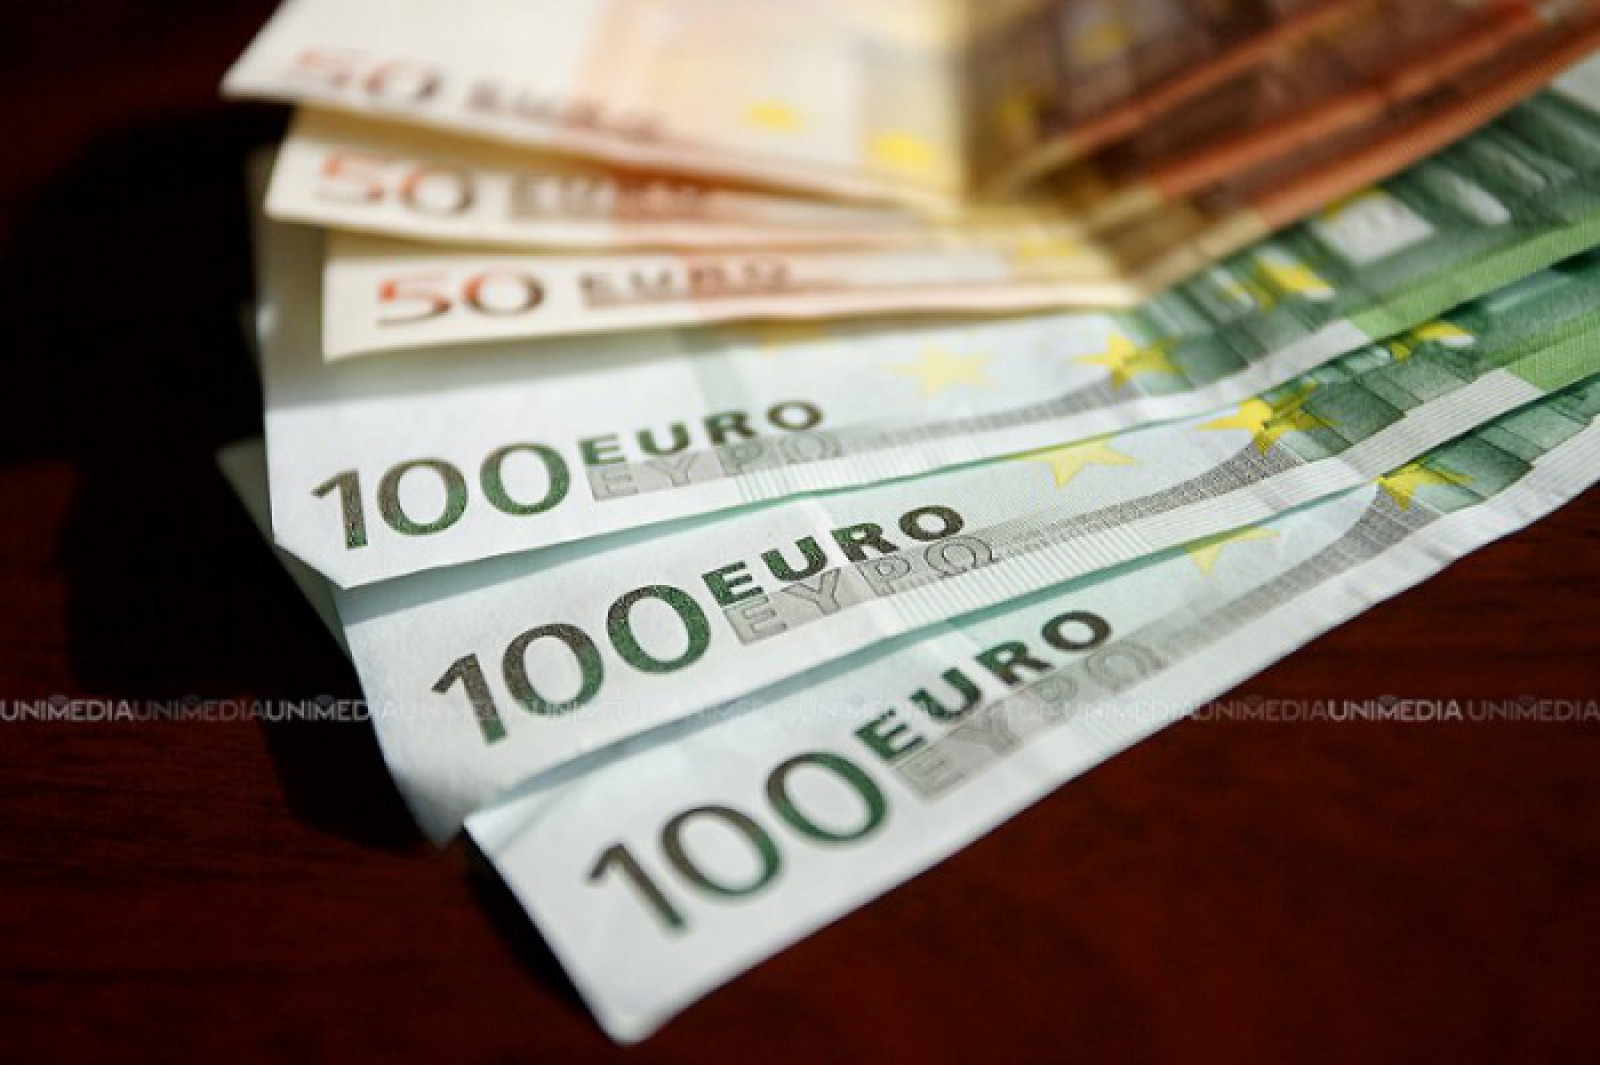 Mold-street: Deficitul balanţei comerciale a depăşit 1,1 miliarde dolari în cinci luni